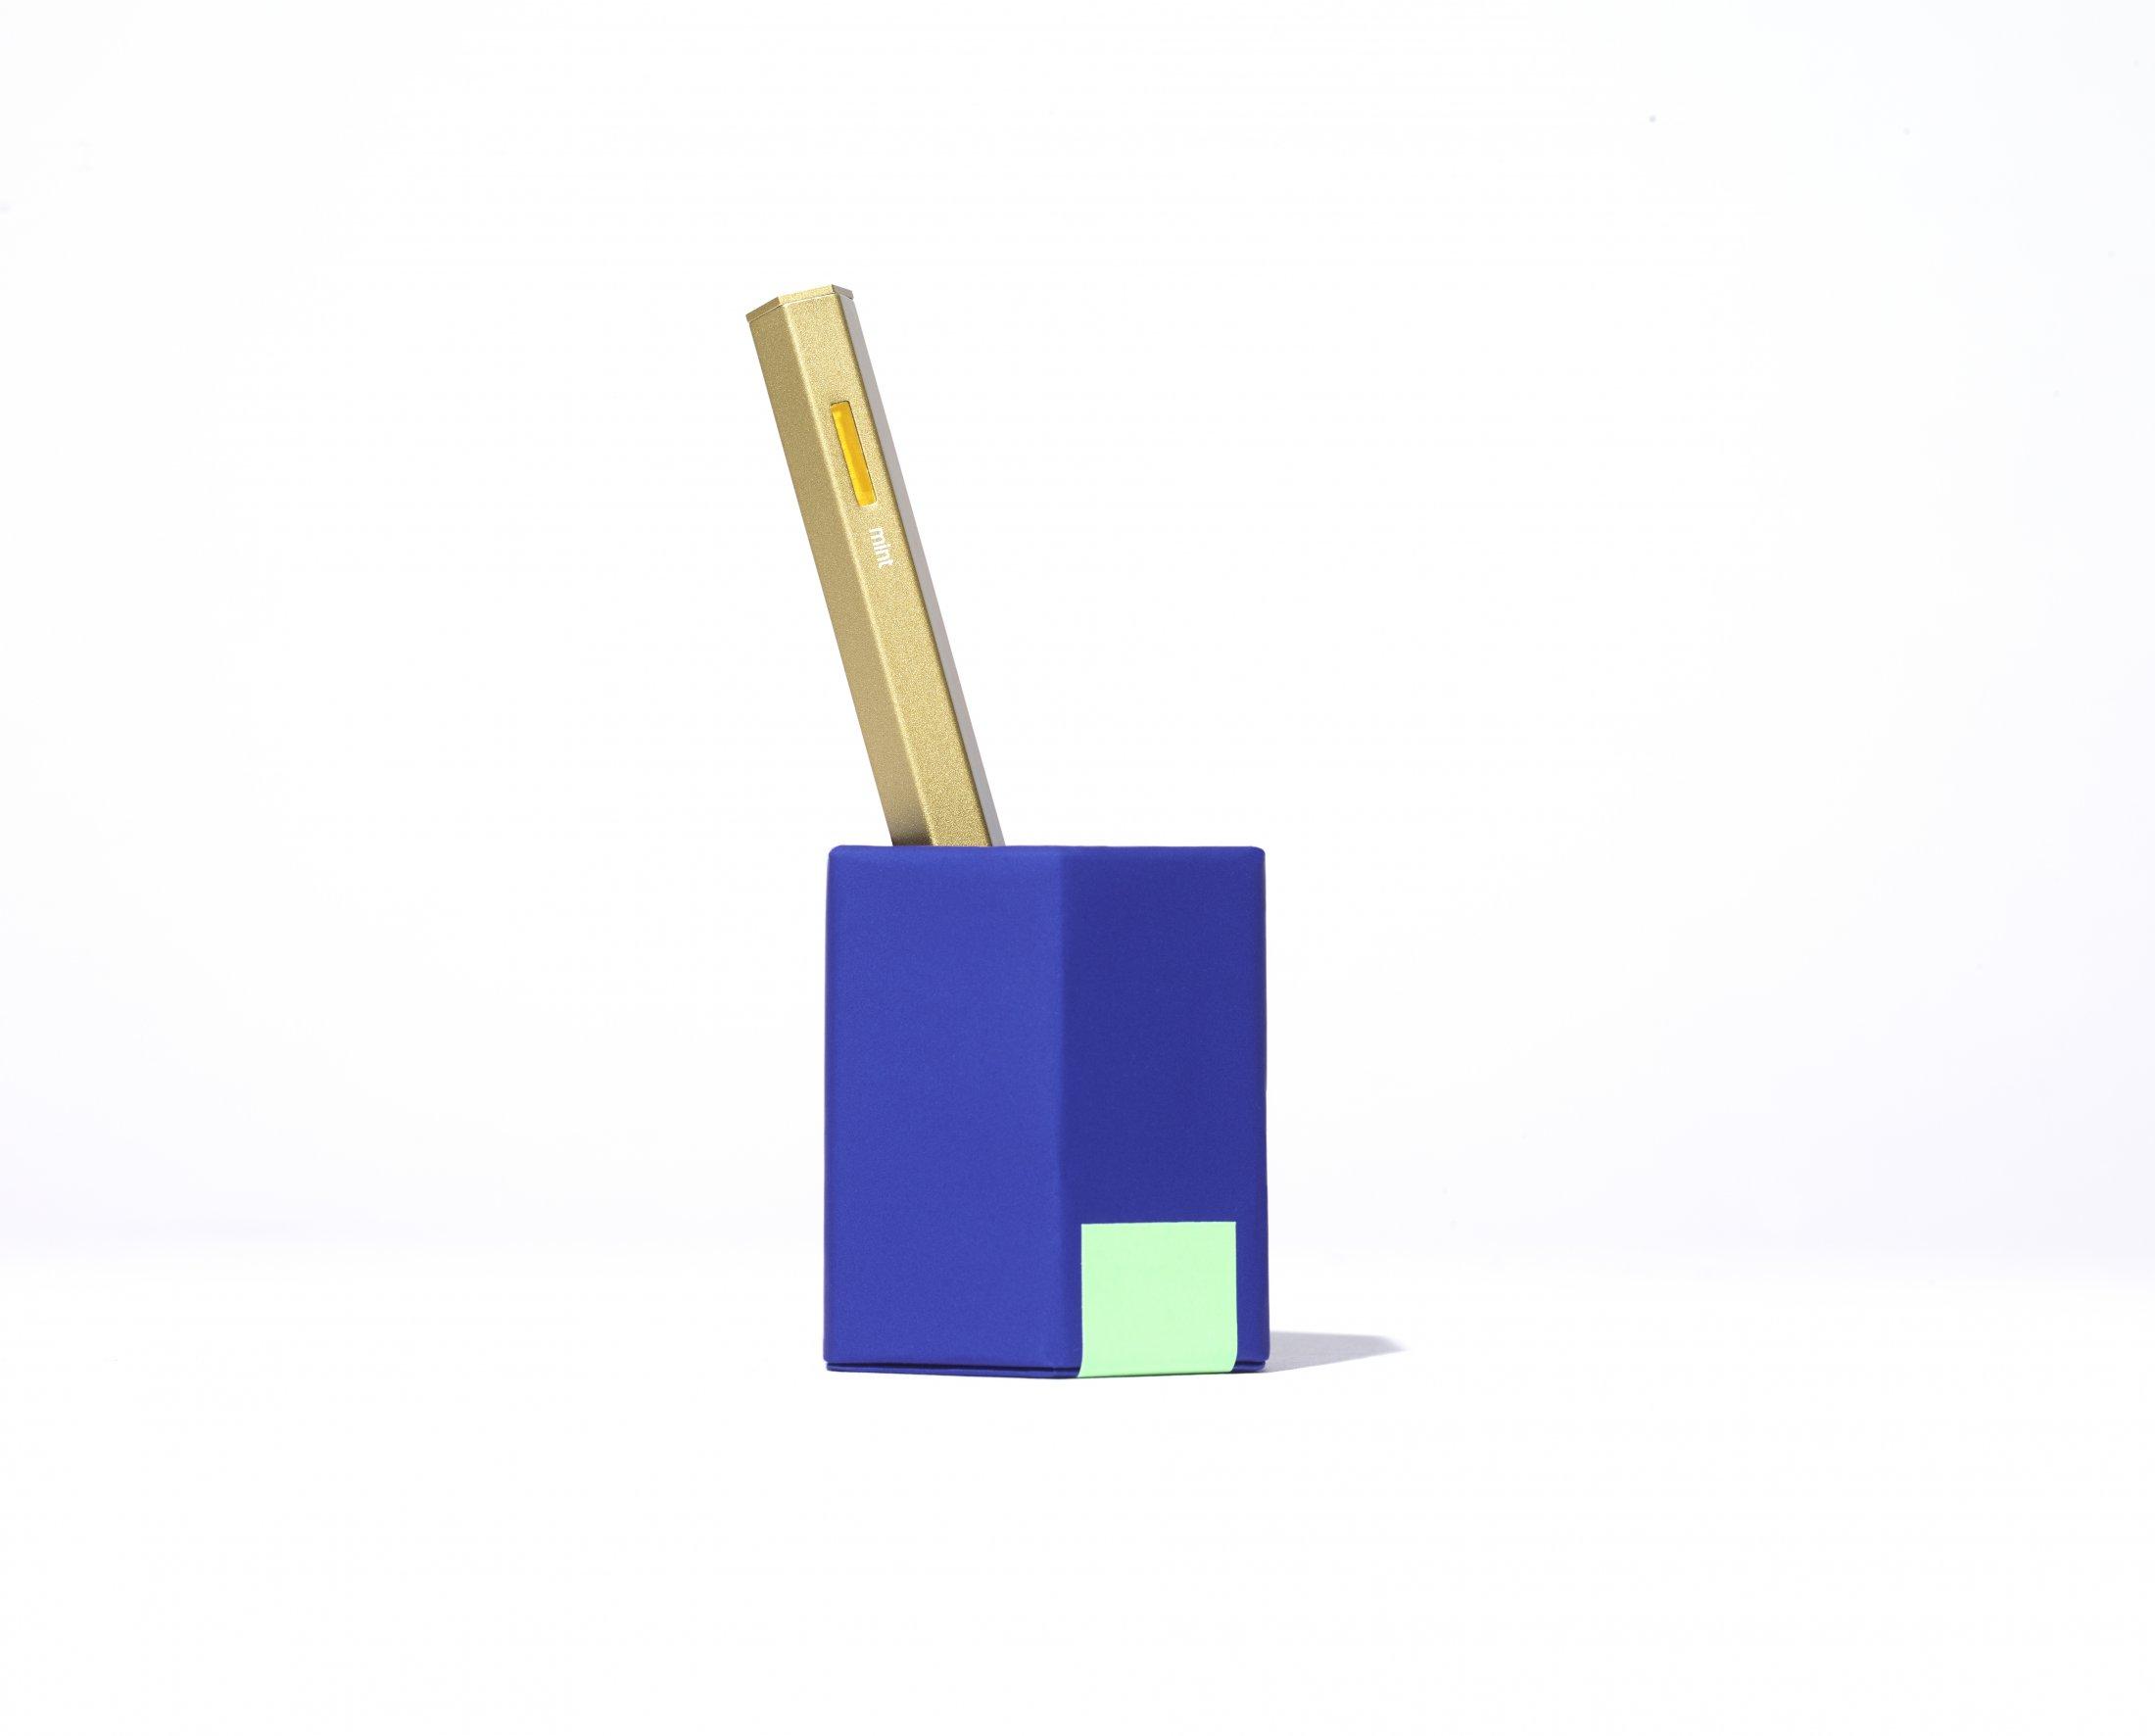 besito: Vaporizer Packaging